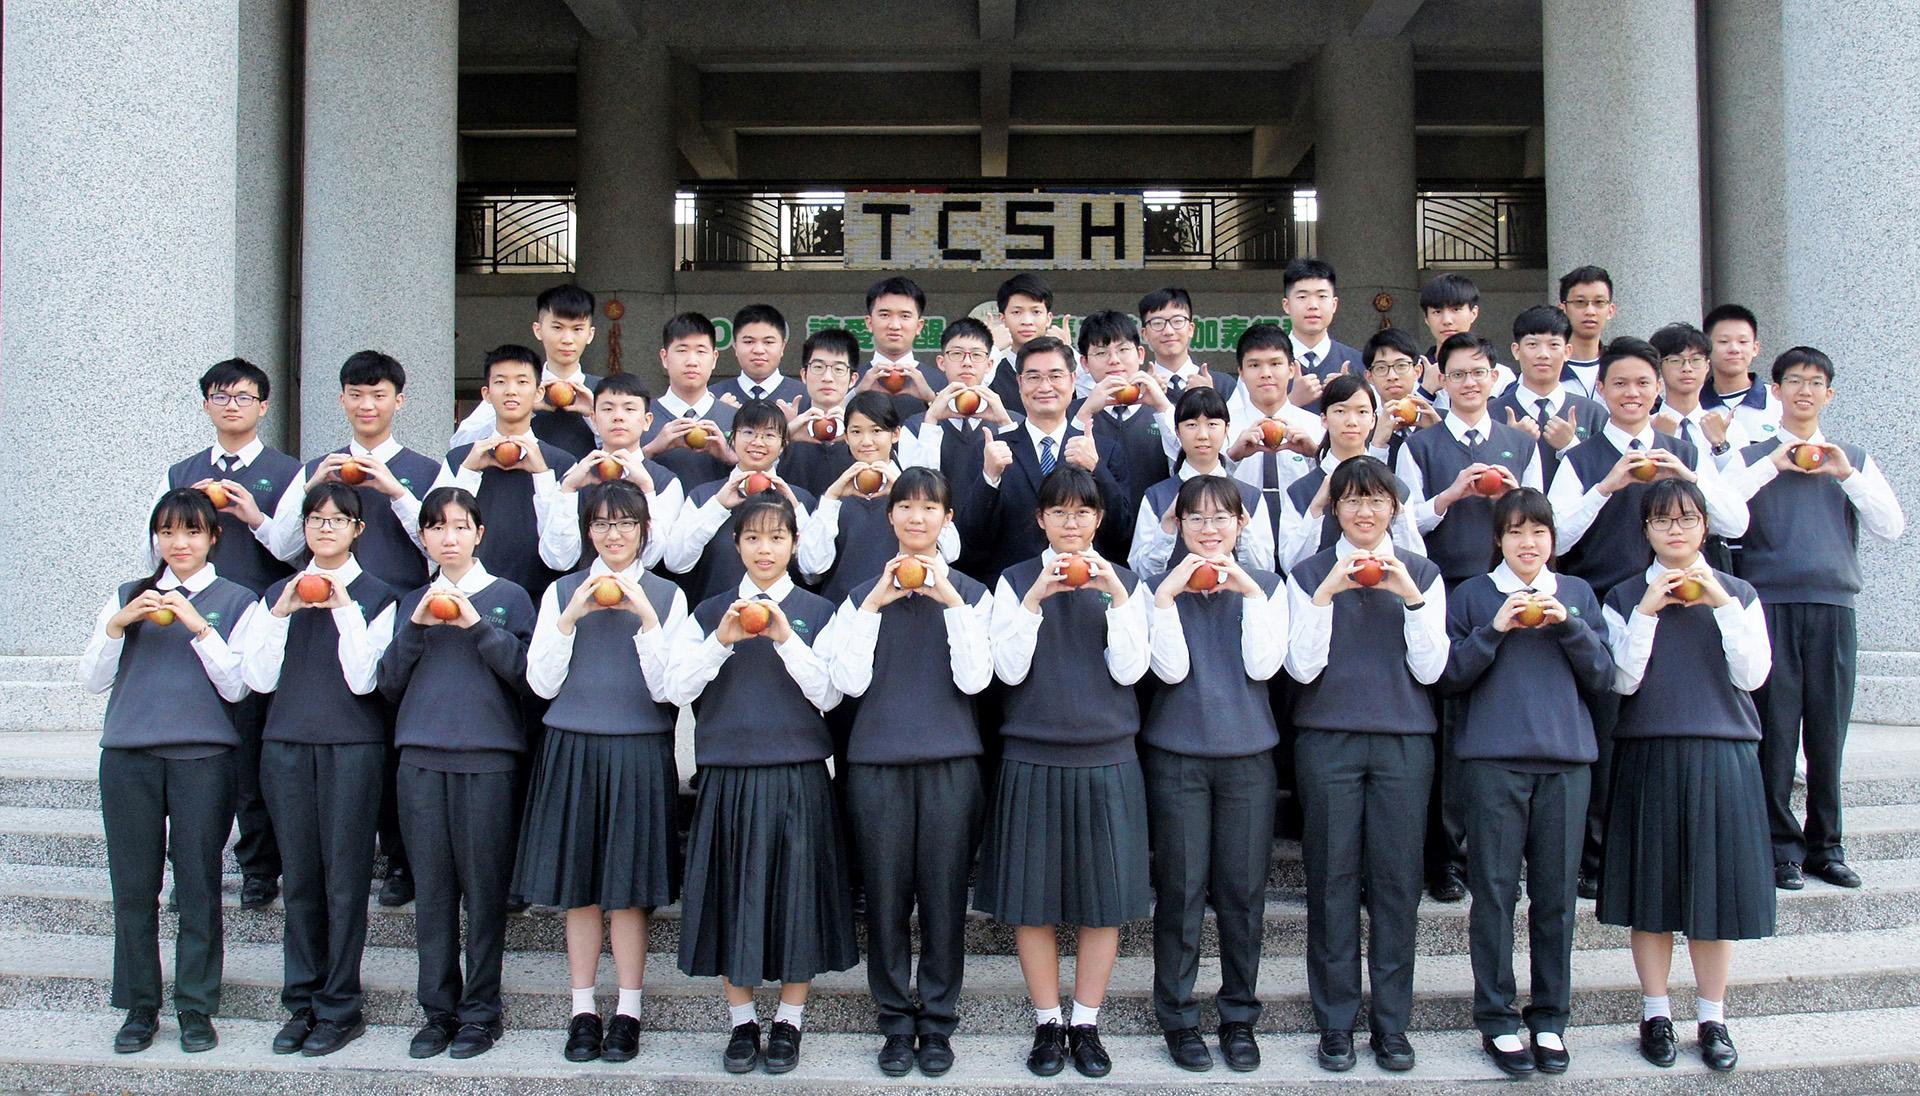 110年學測臺南慈濟高中學生奪得佳績,總計4科55級分以上達11人次,50級分以上達23人次。